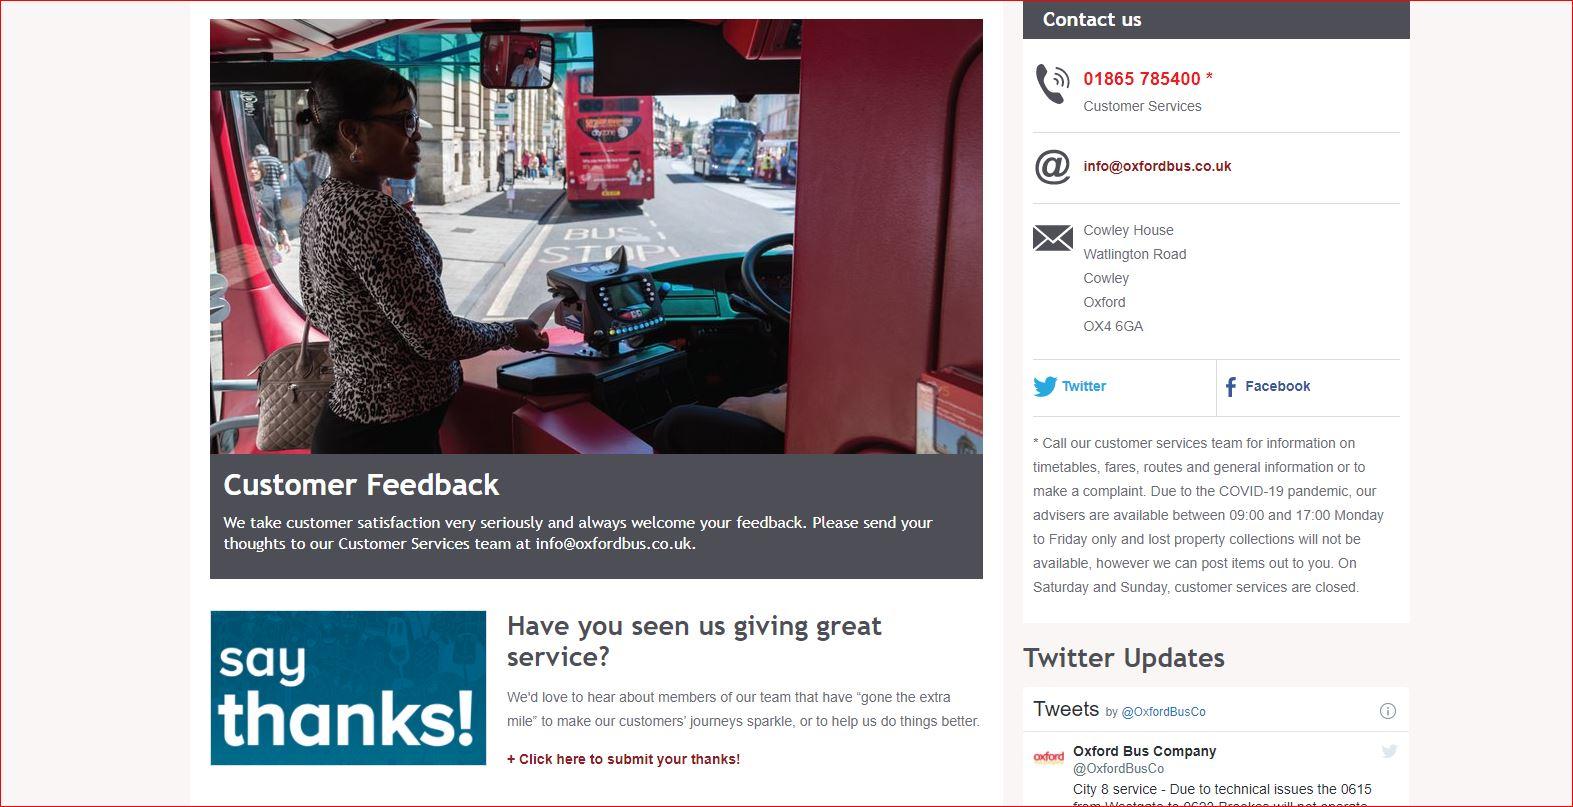 www.Oxfordbus.co.uk/feedback